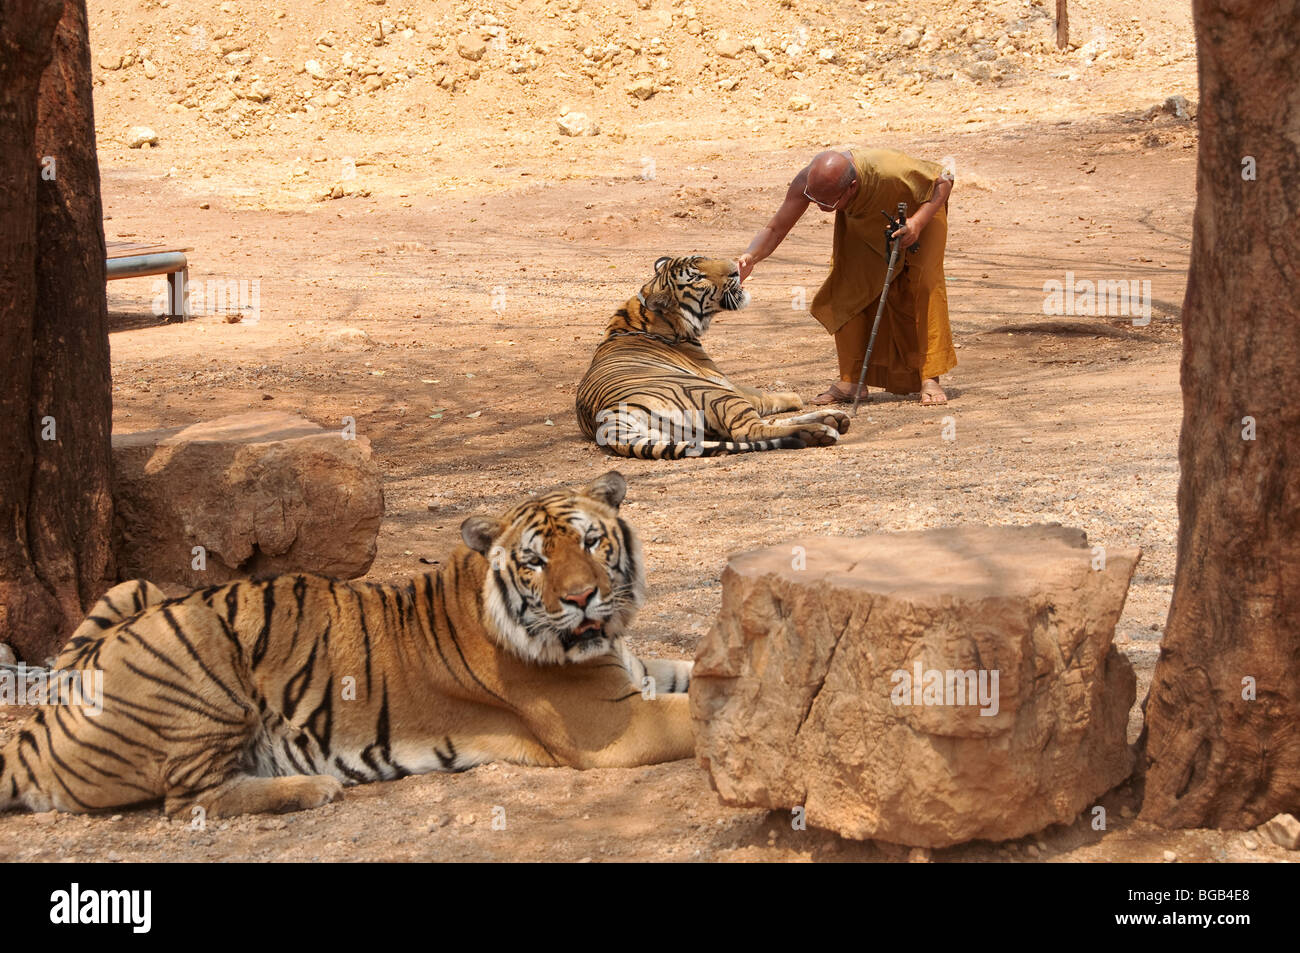 El abad del templo del tigre en Kanchanaburi, Tailandia visitas con su tiger temas Foto de stock